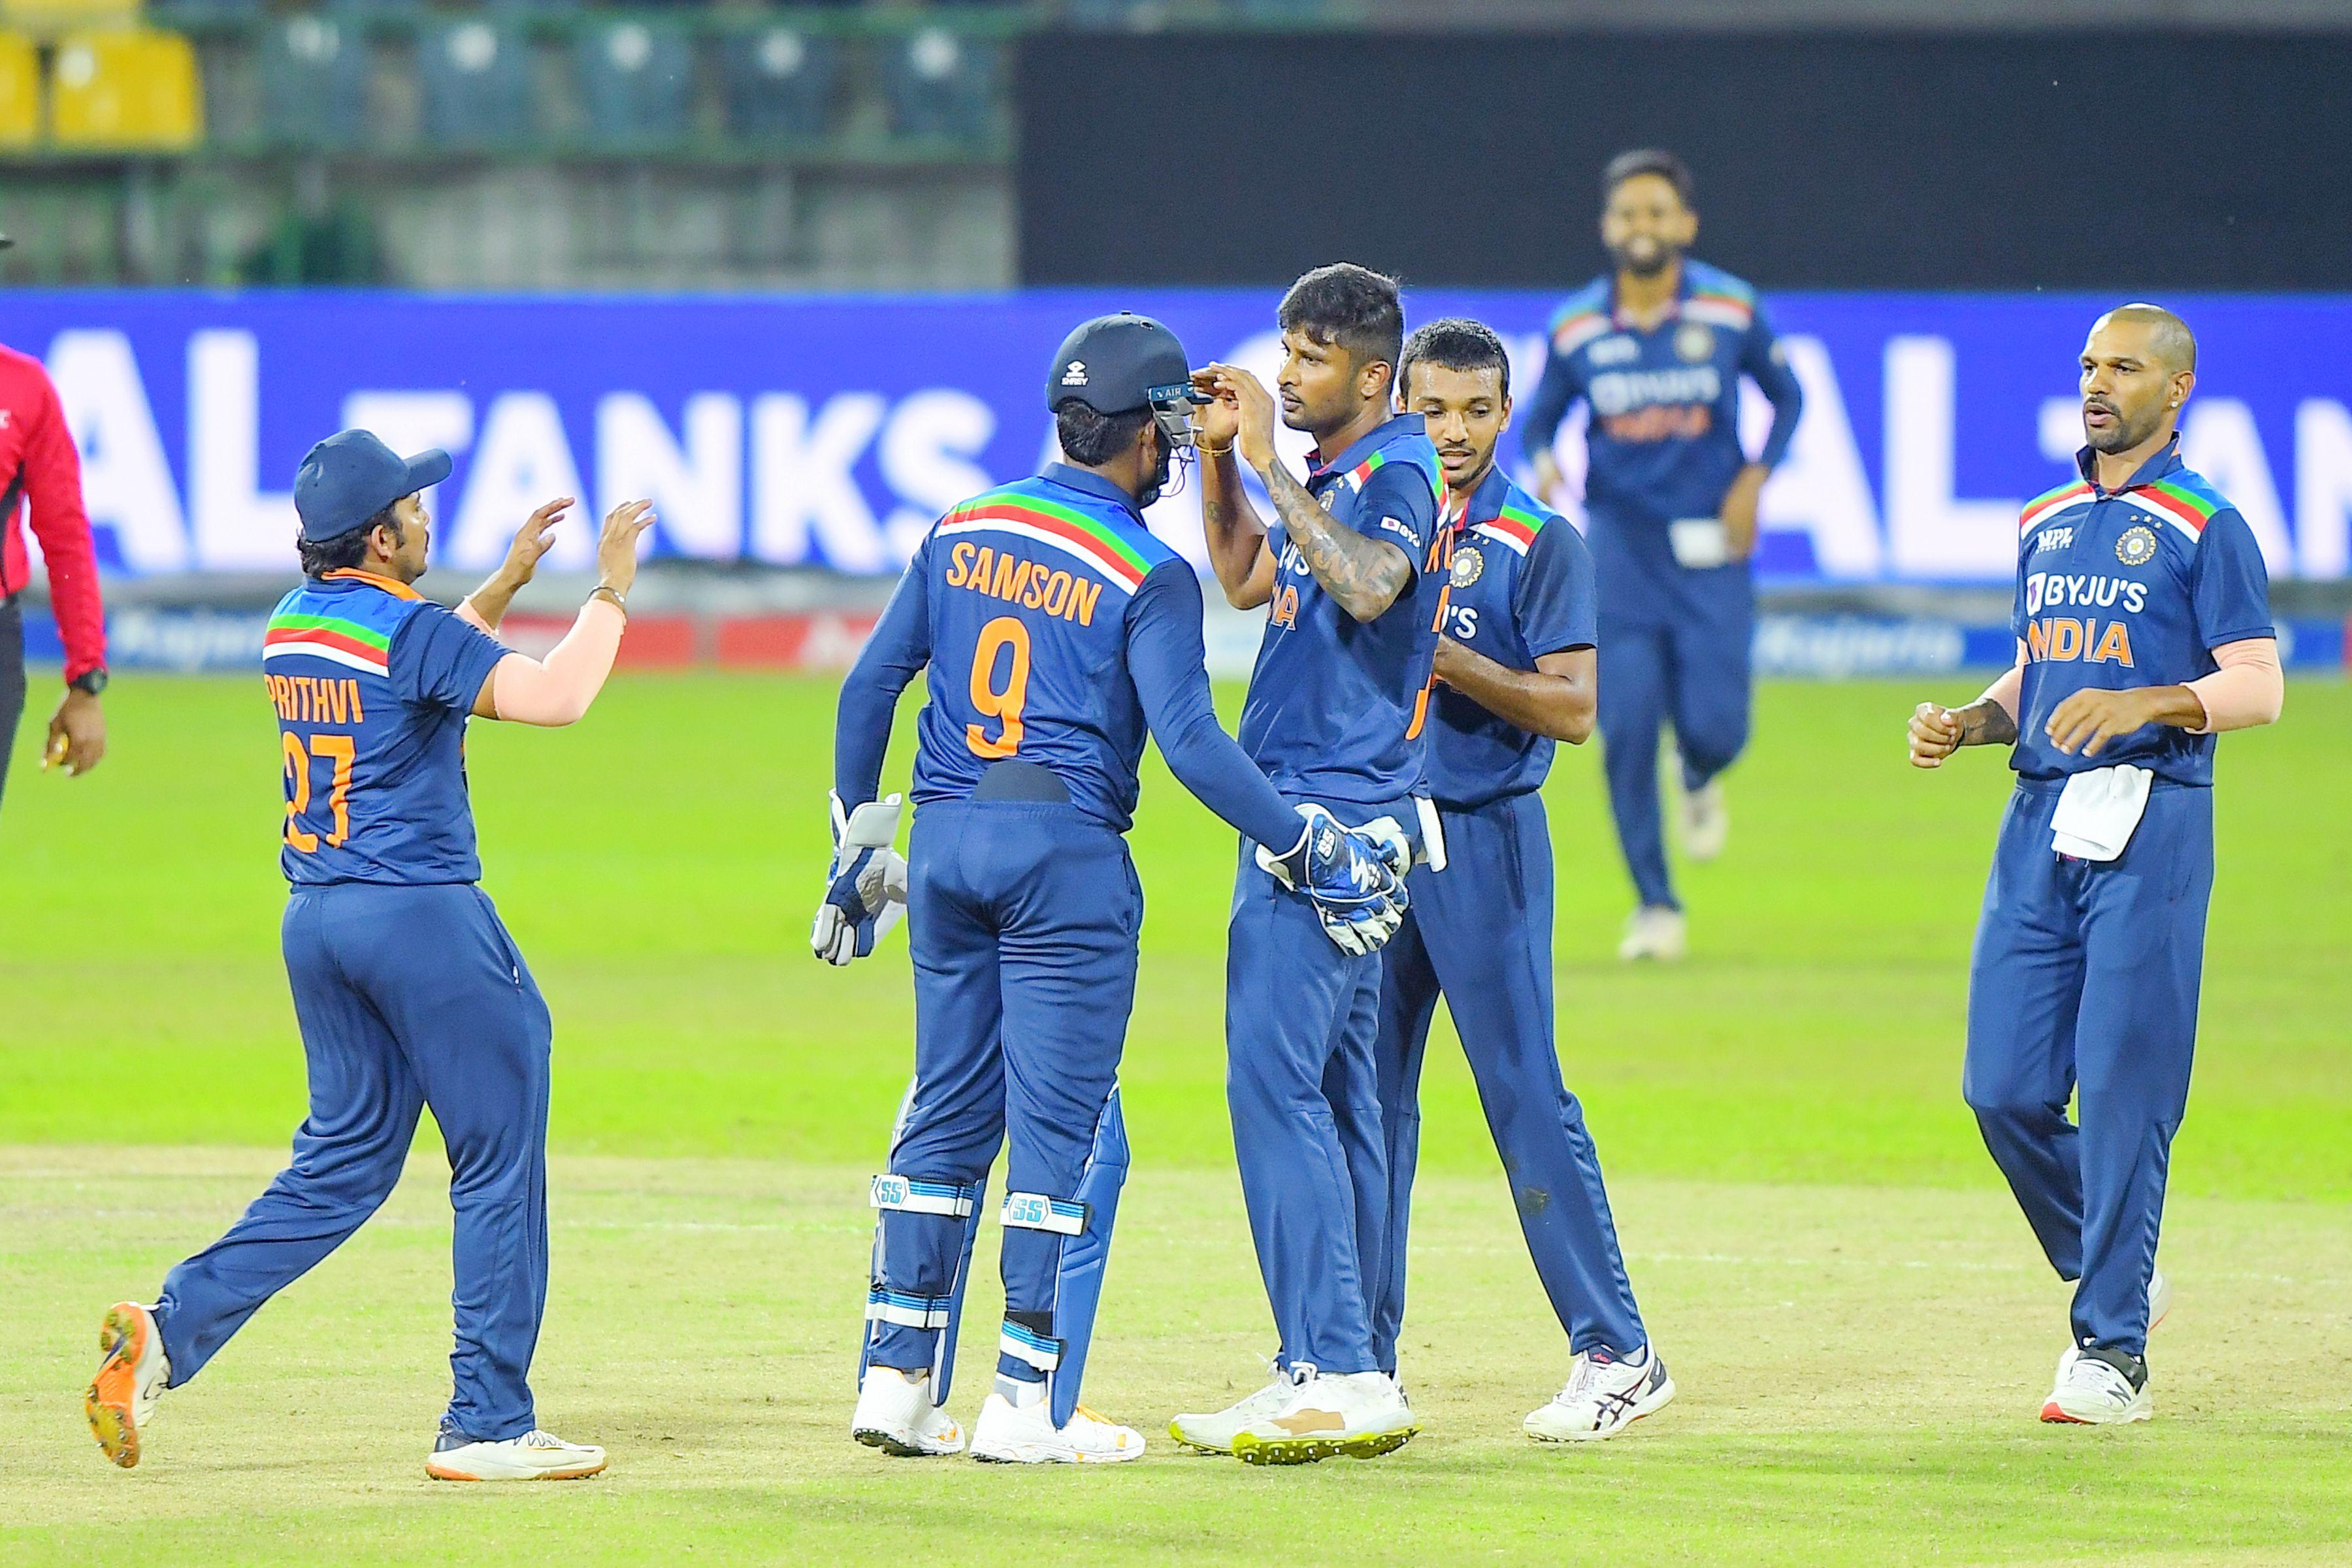 We Were 50 Runs Short, Says Shikhar Dhawan